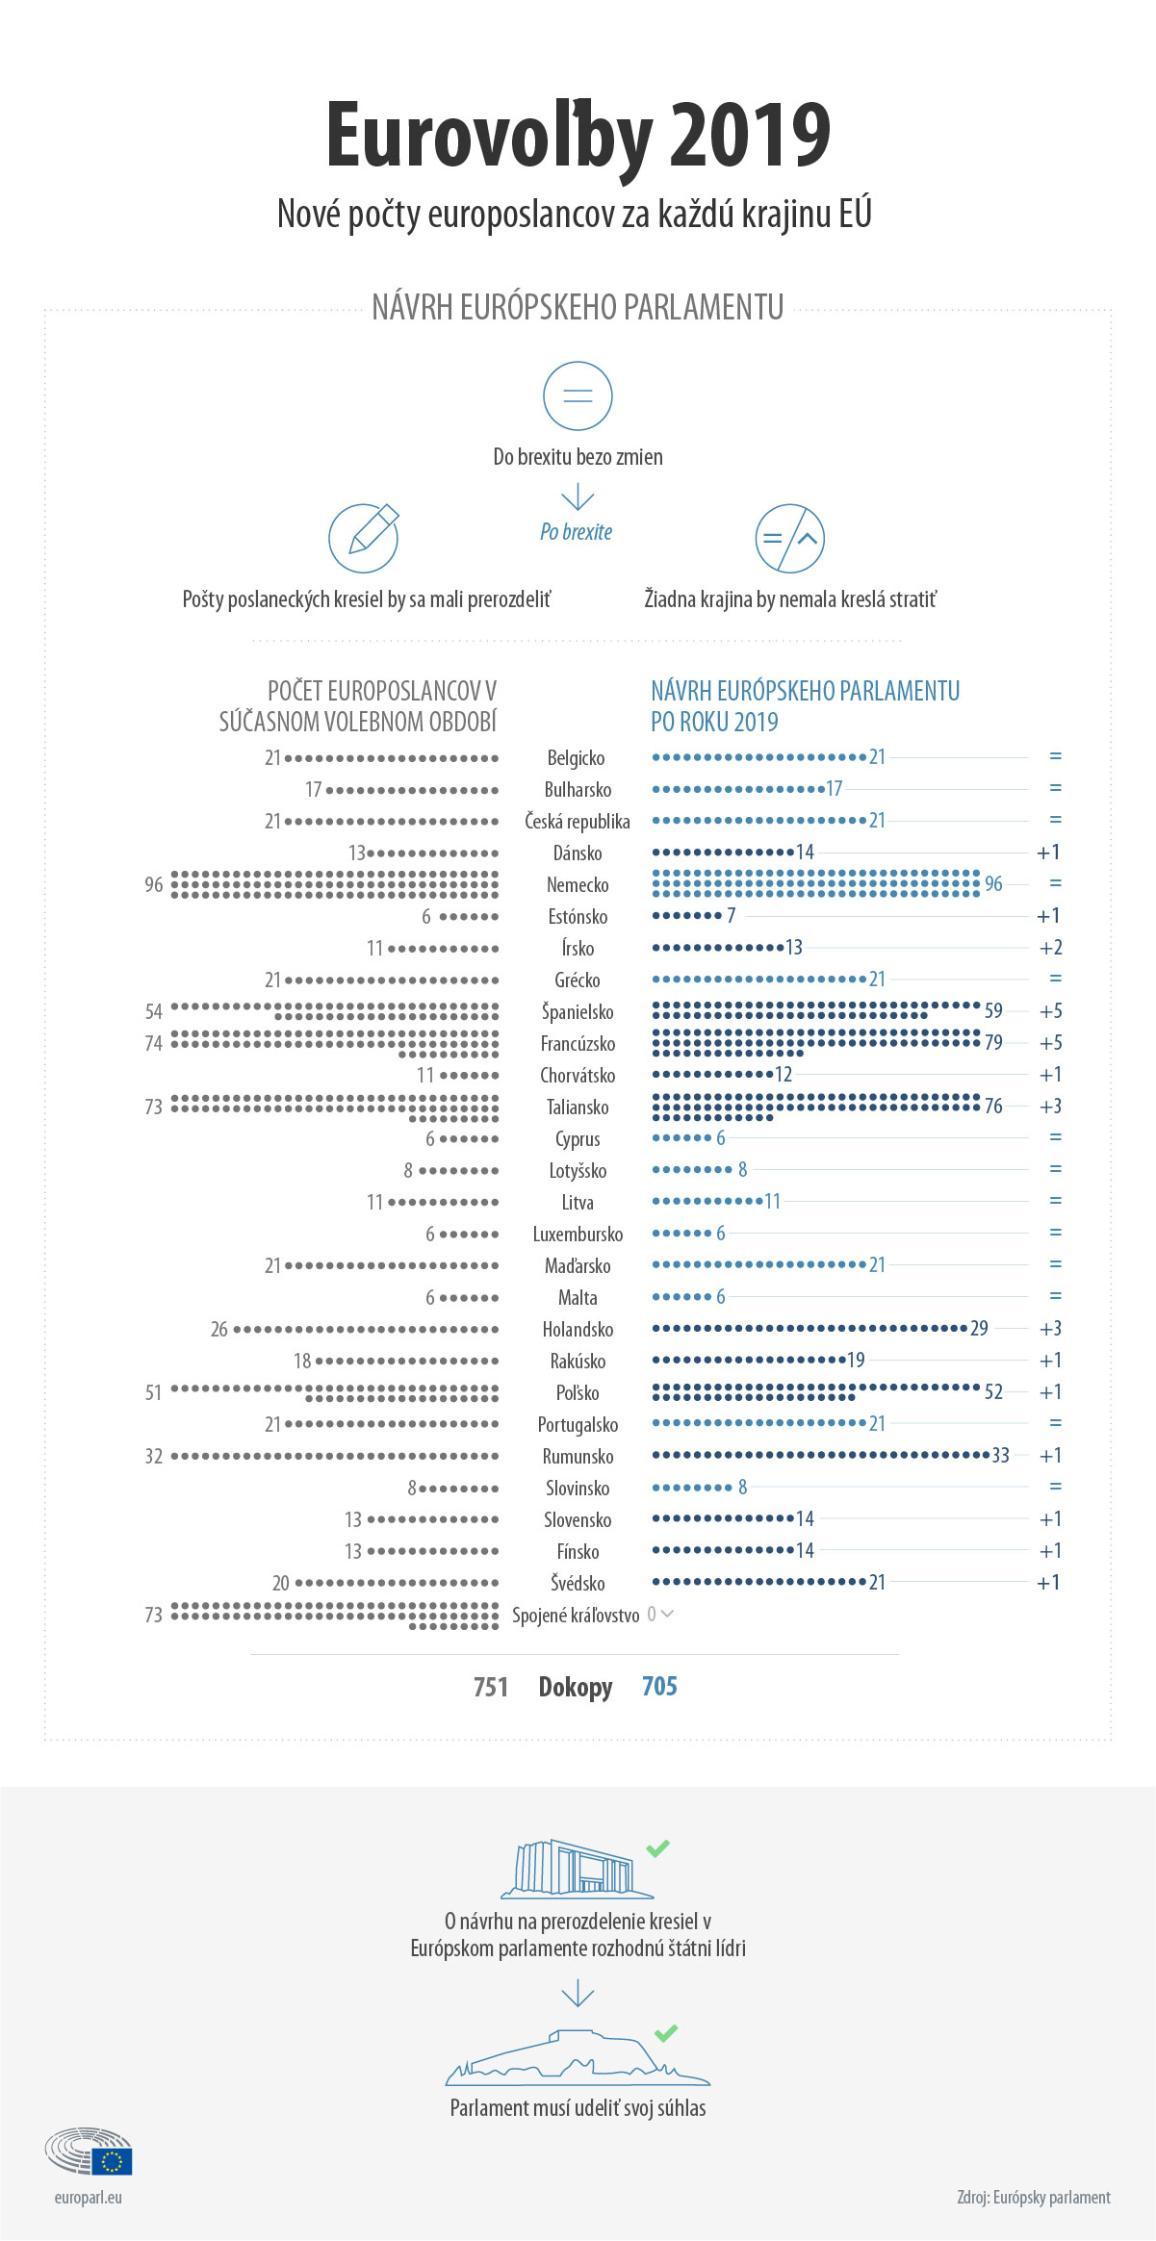 infografika o nových počtoch europoslancov